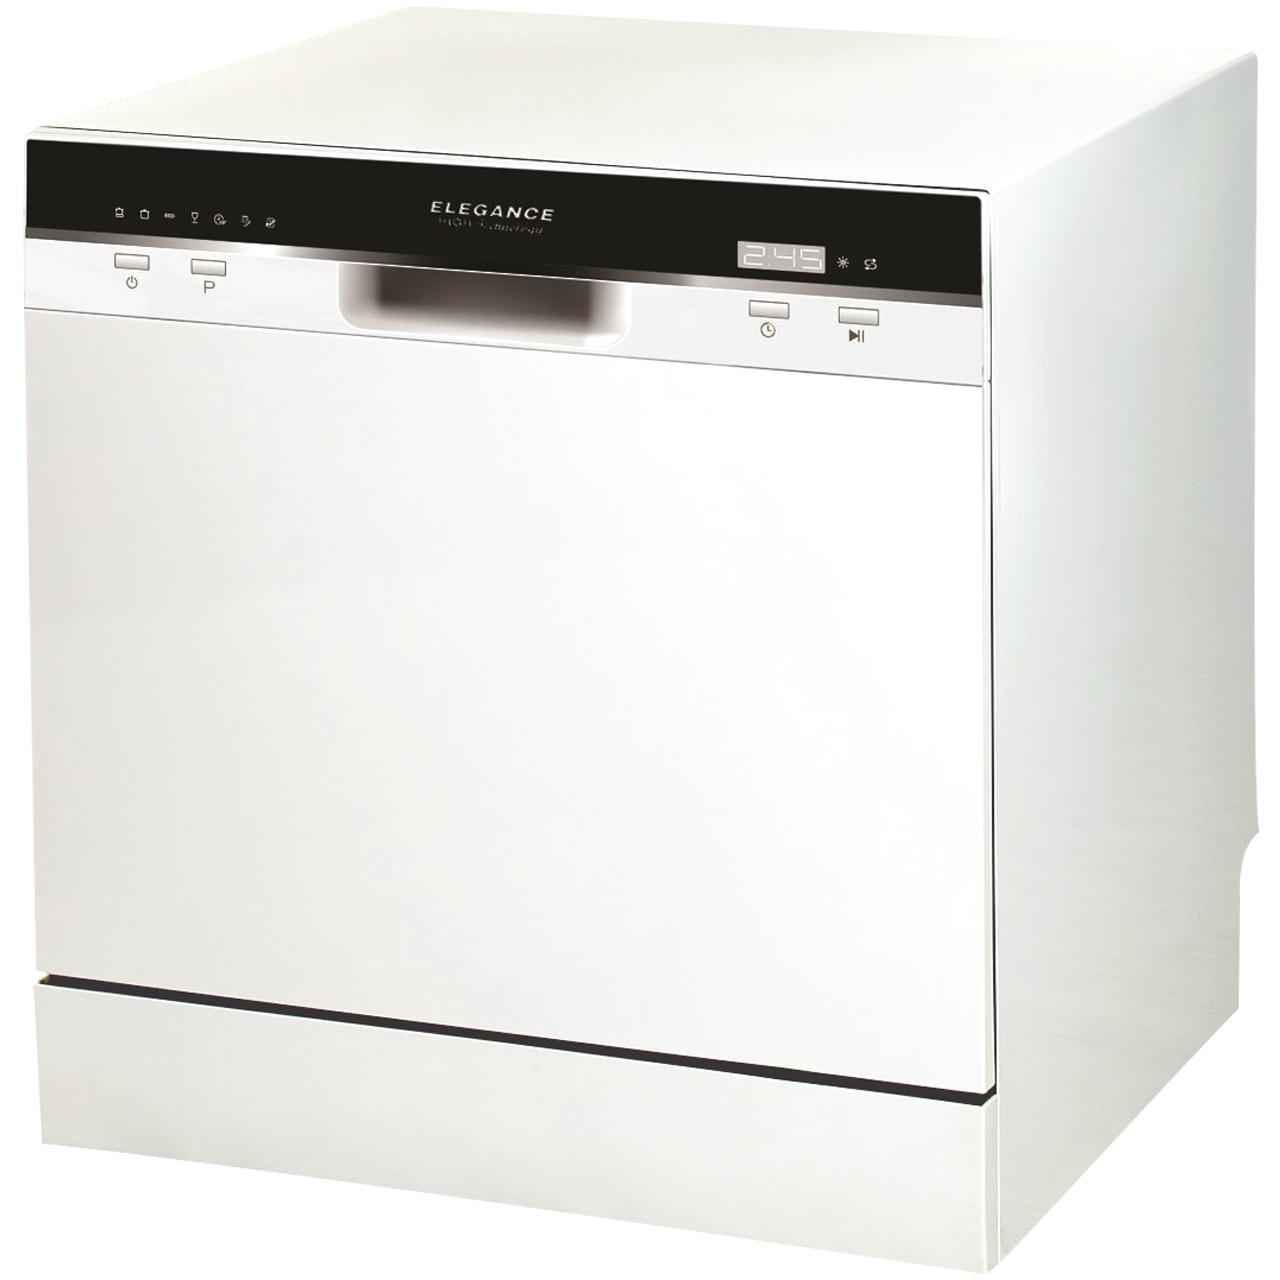 ماشین ظرفشویی الگانس مدل WQP6 مناسب برای 6 نفر